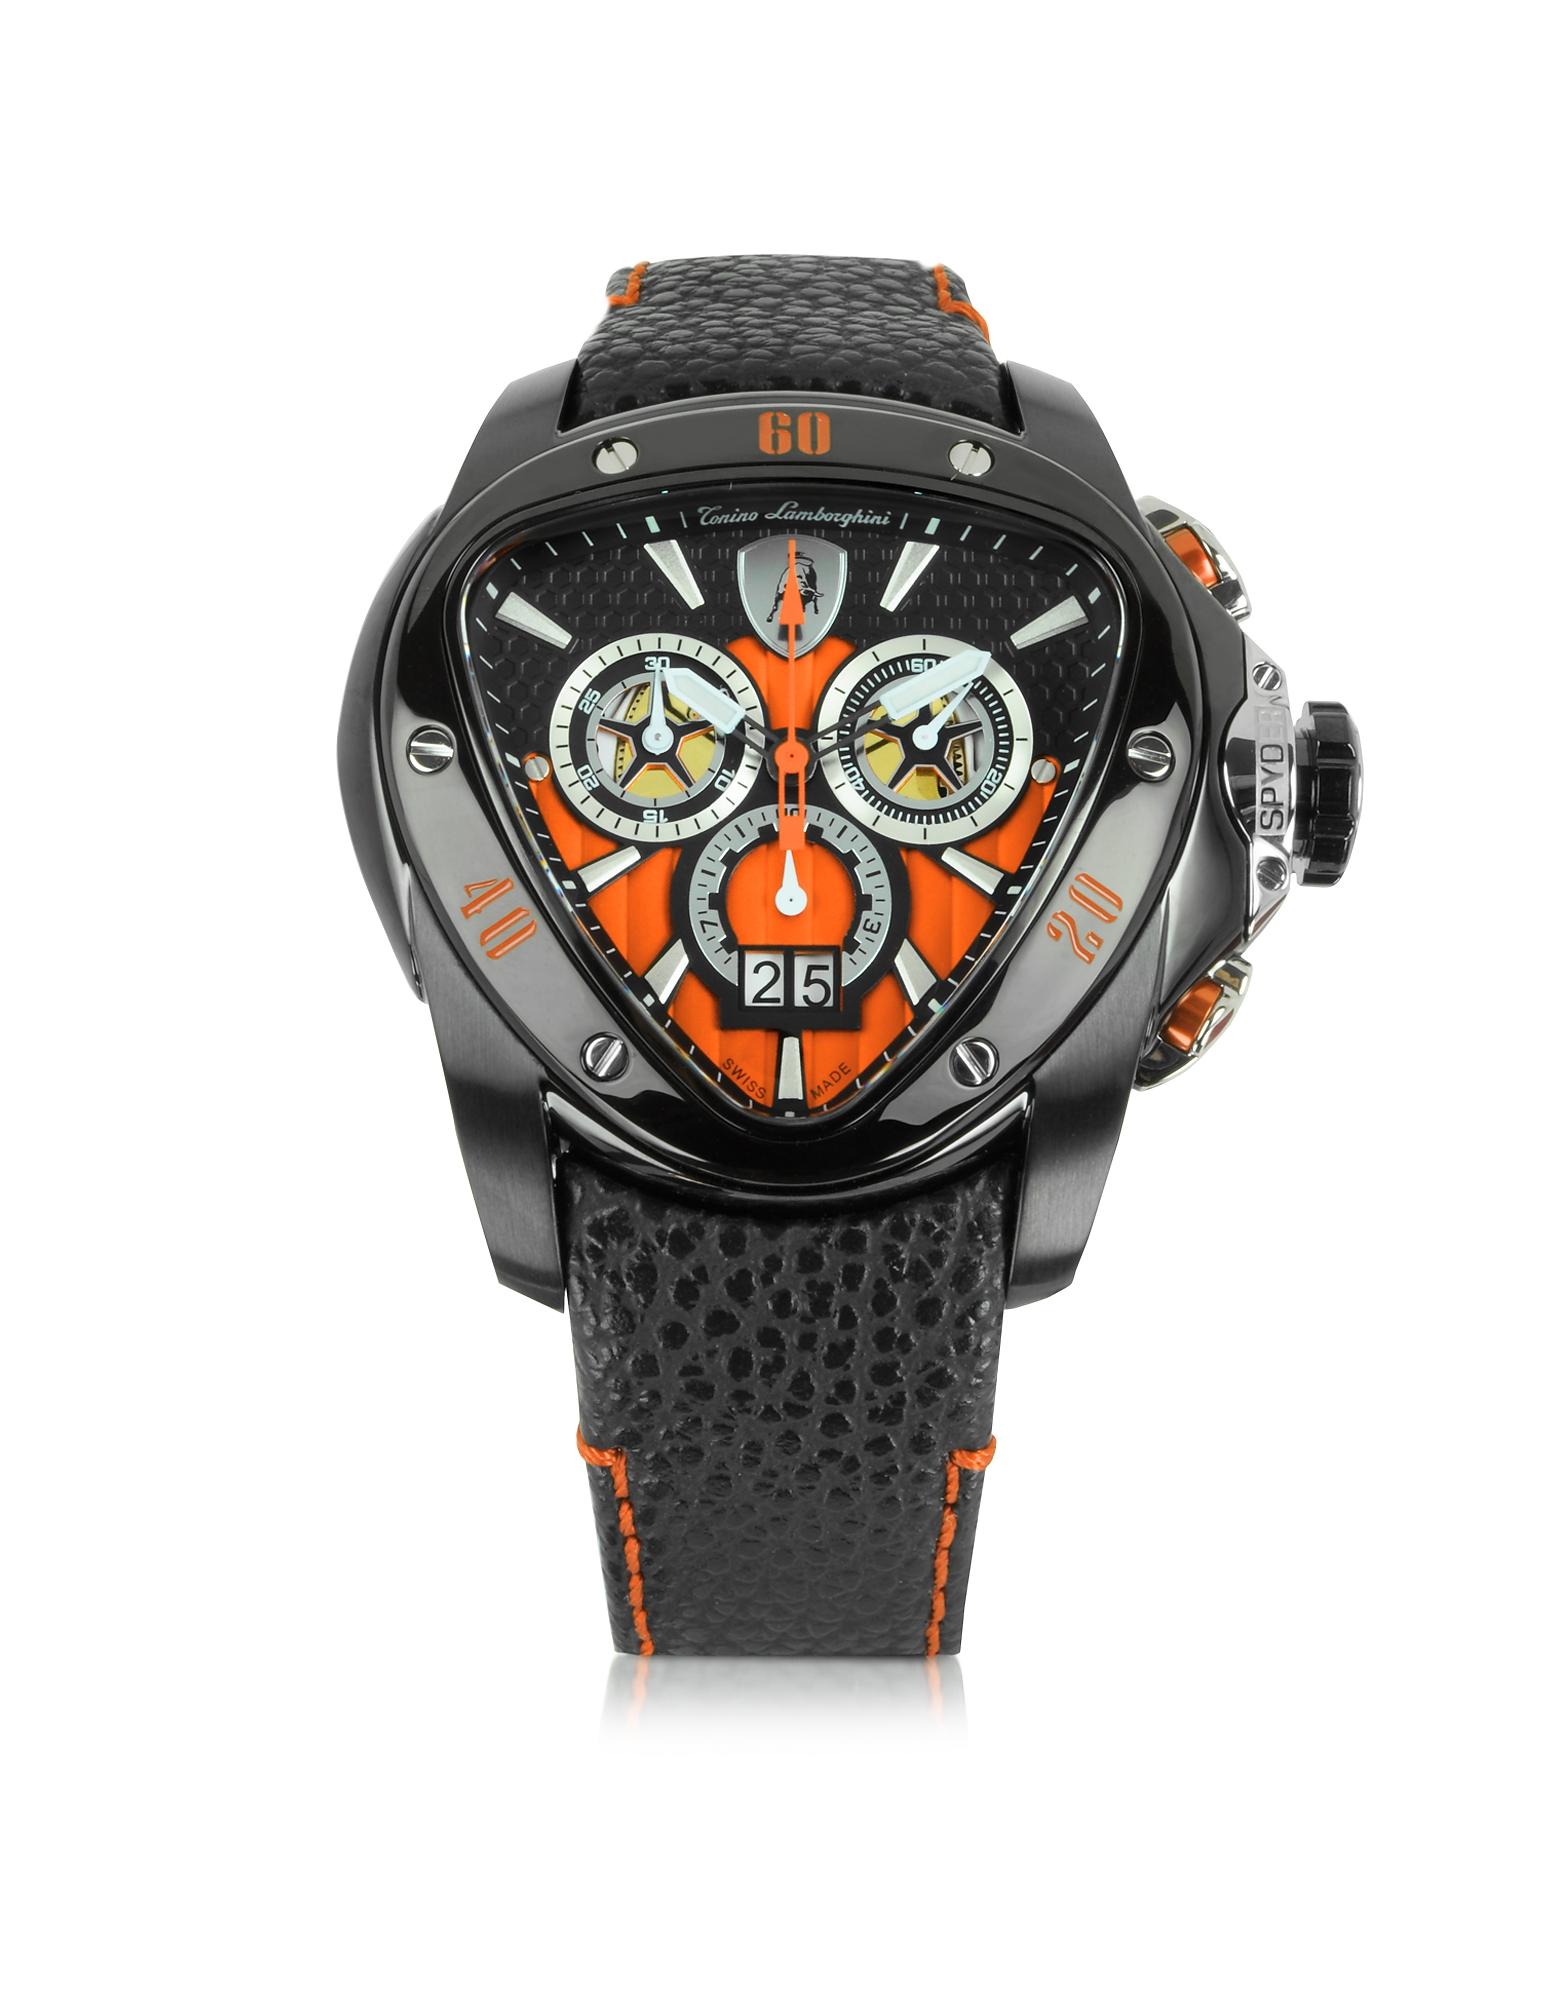 Tonino Lamborghini Spyder - Черные Часы Хронограф из Нержавеющей Стали с Оранжевым Циферблатом